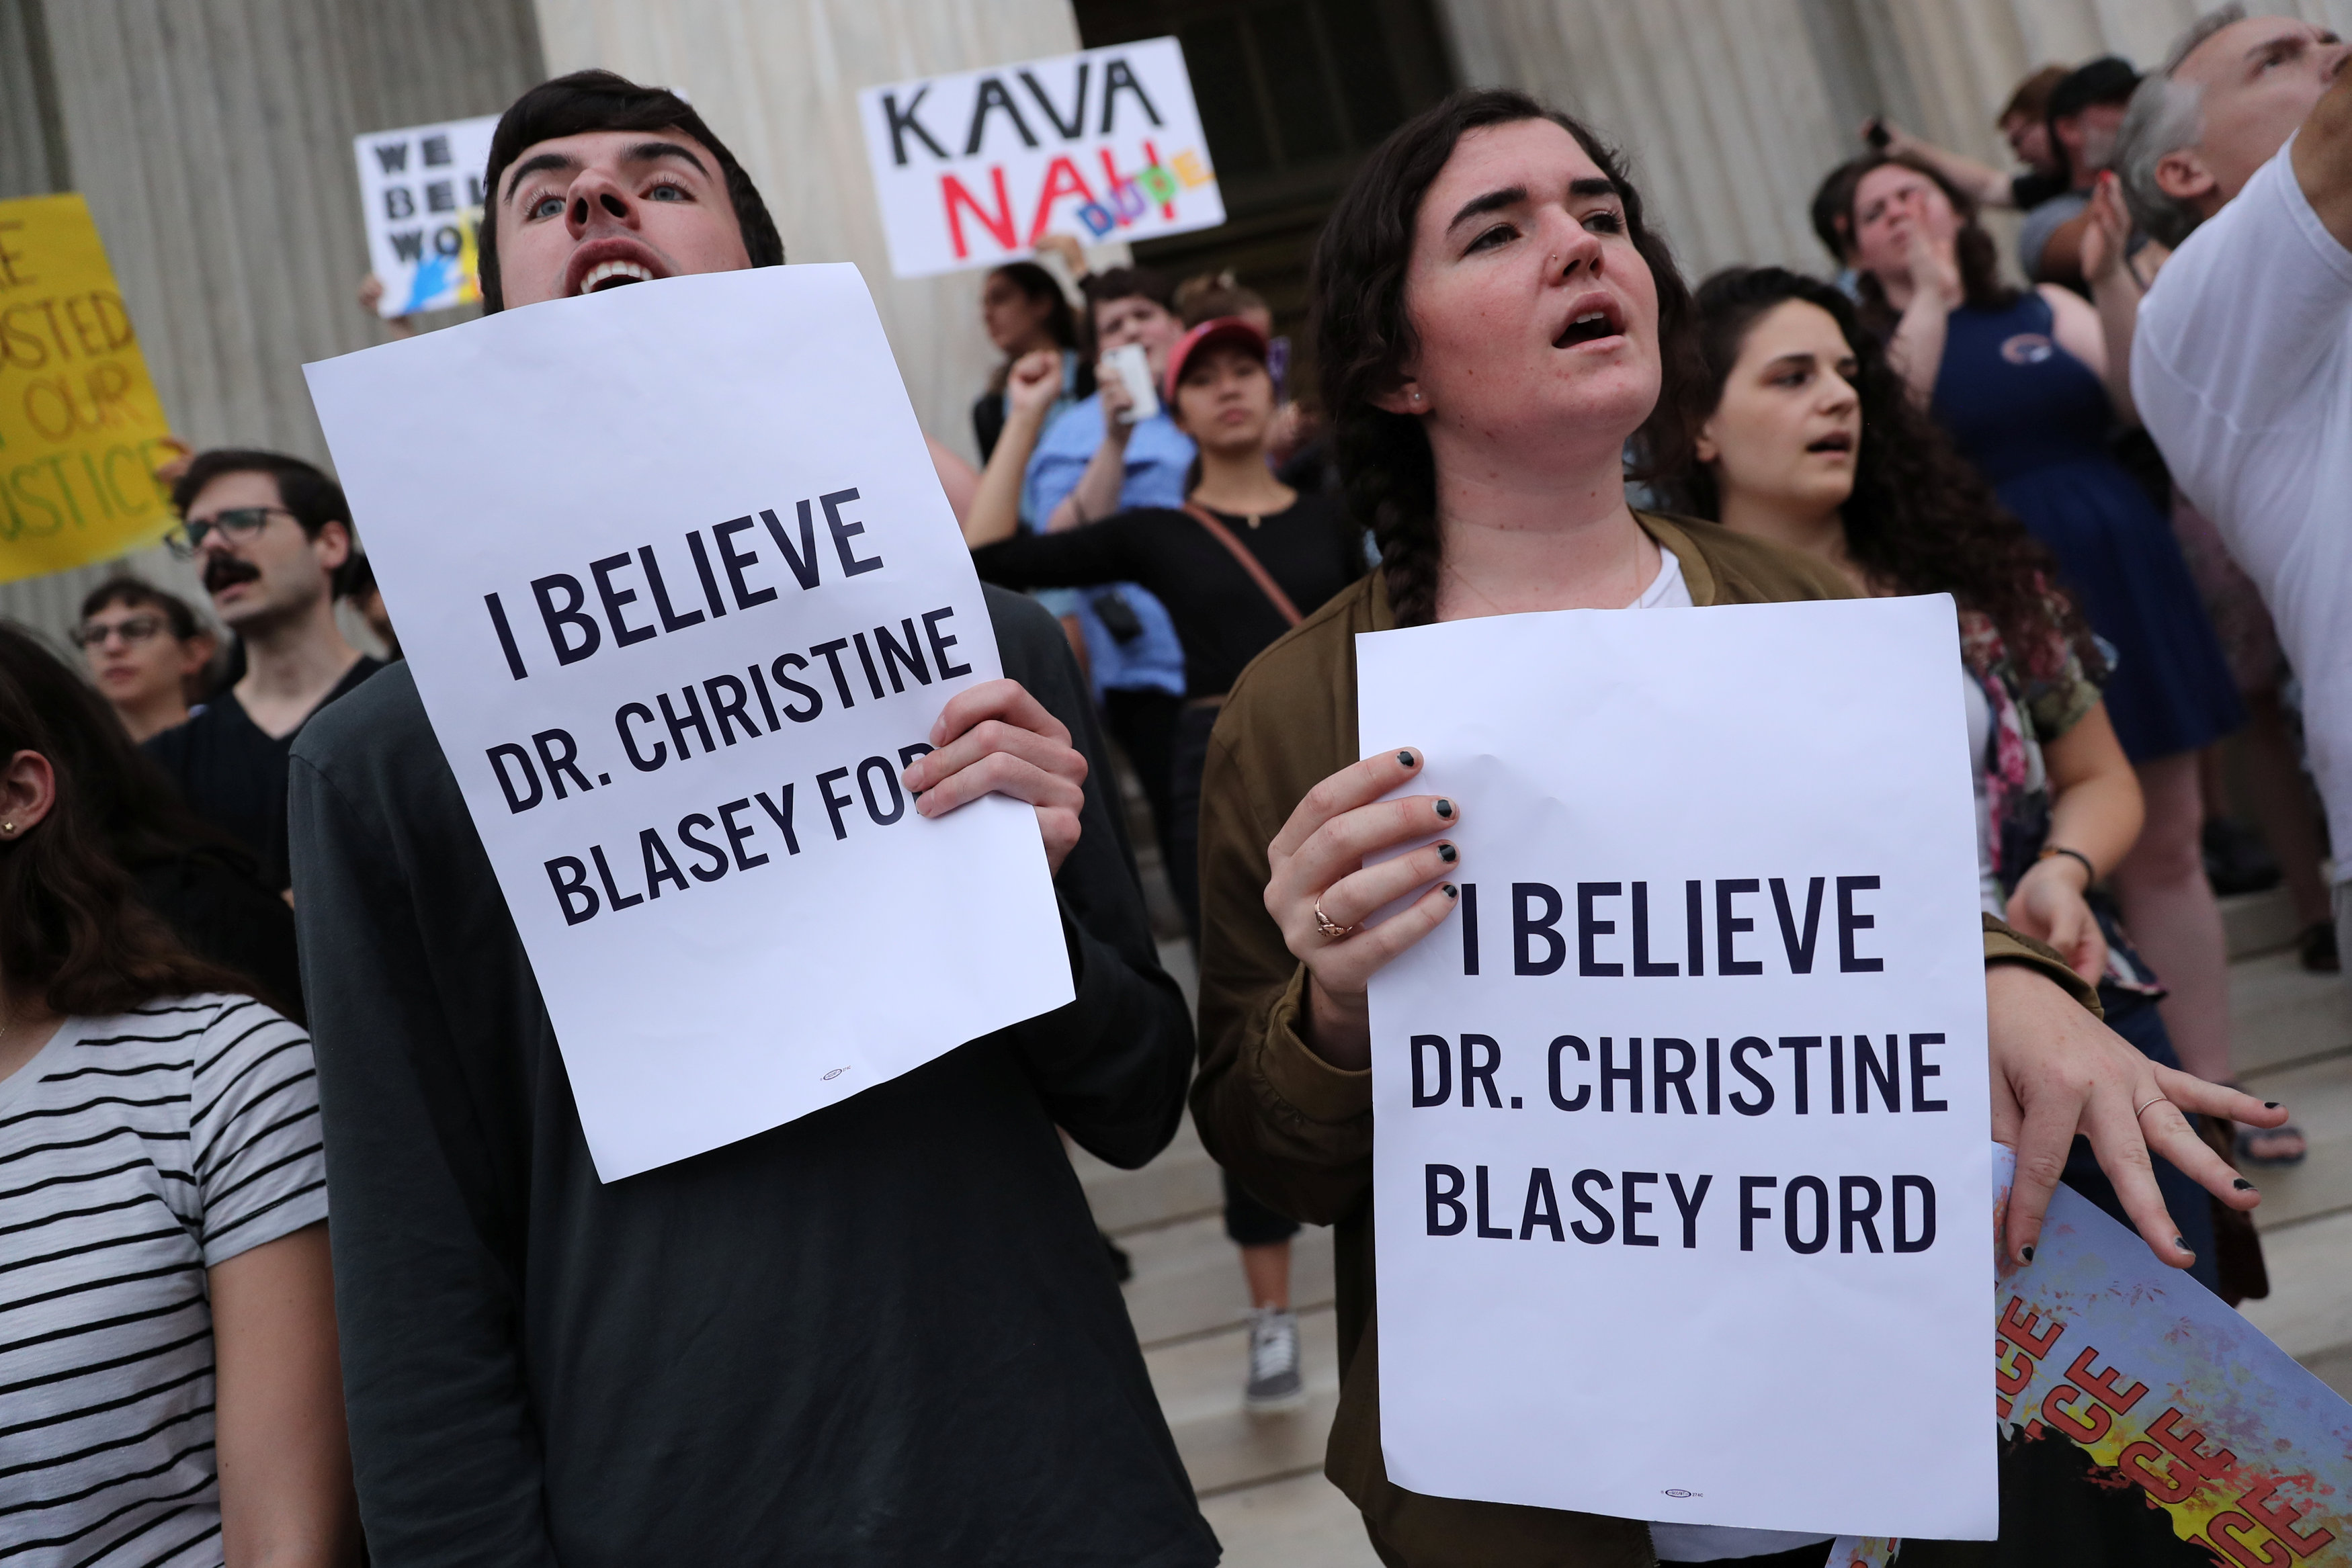 احتجاجات ضد رئيس المحكمة العليا الامريكية